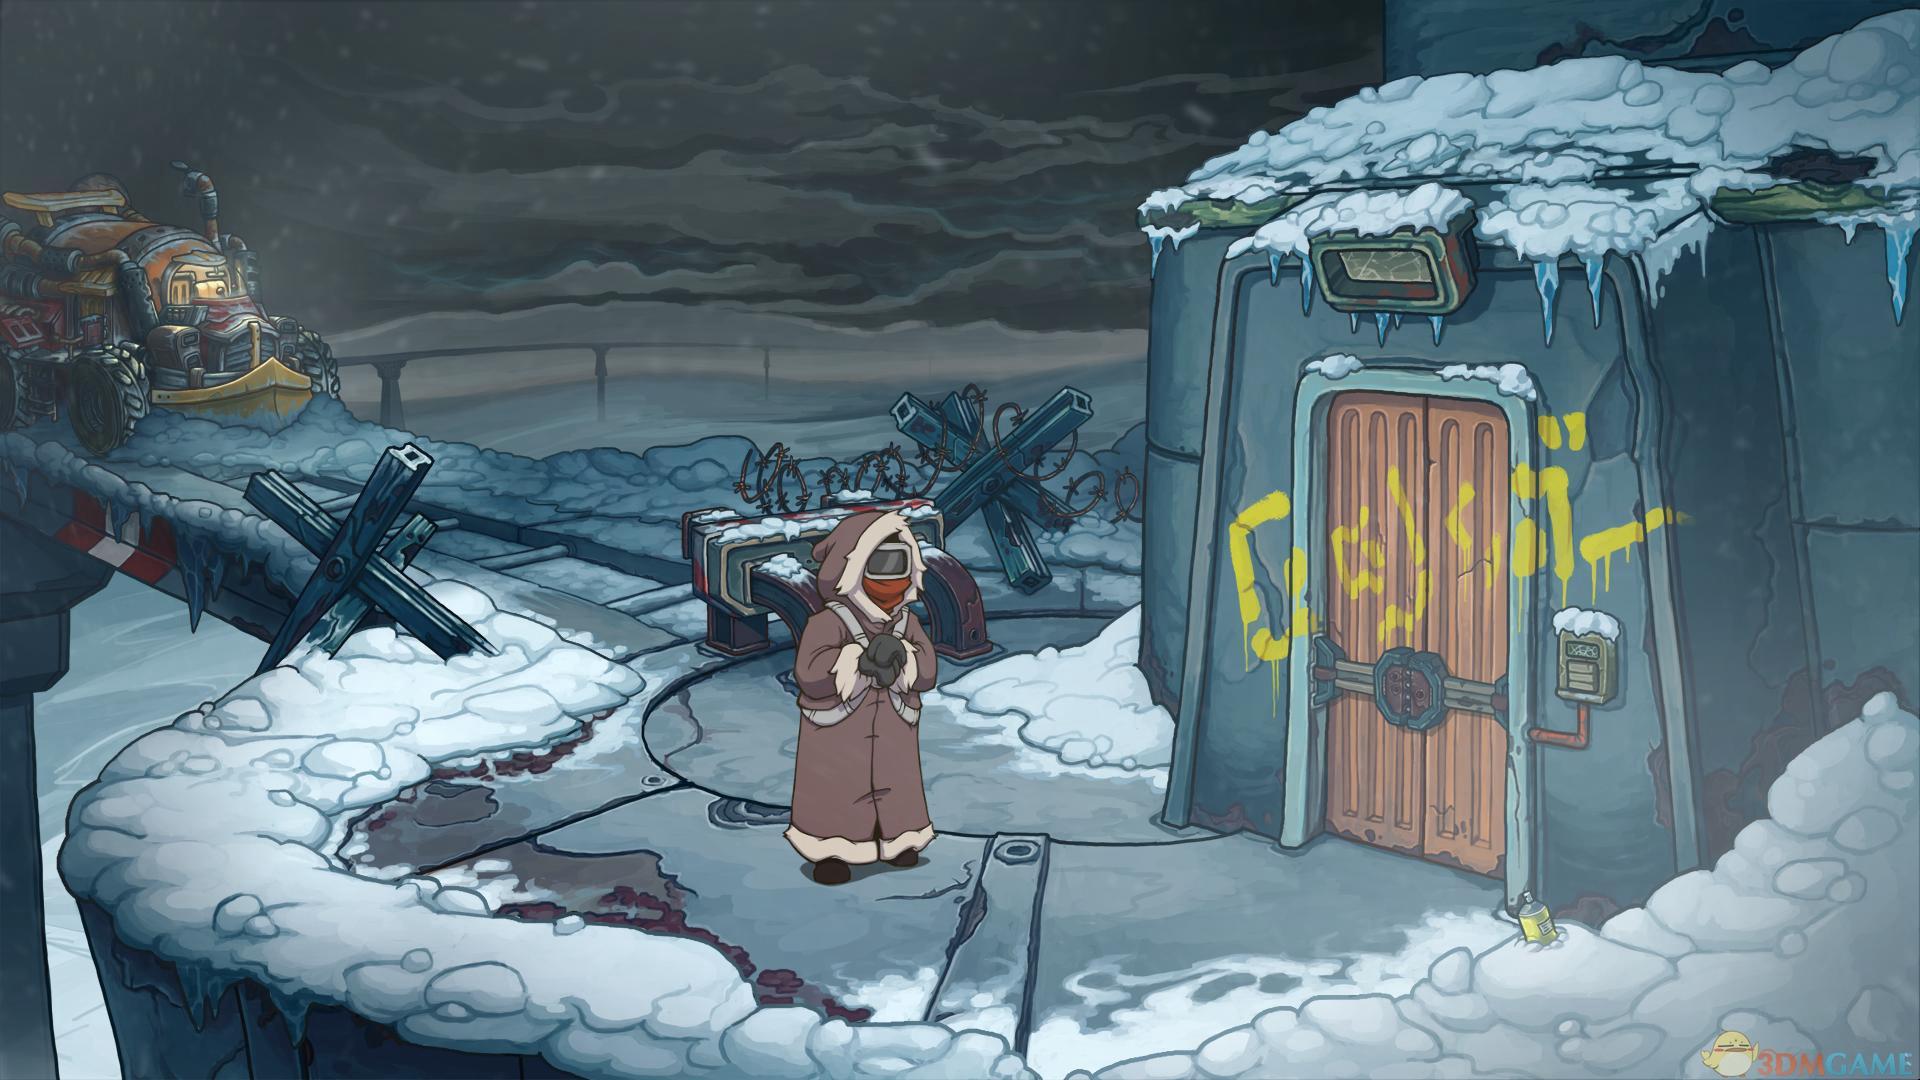 德波尼亚:世界末日 Deponia Doomsday 1.2.0267 Mac 破解版 动作冒险游戏-麦氪派(WaitsUn.com | 爱情守望者)